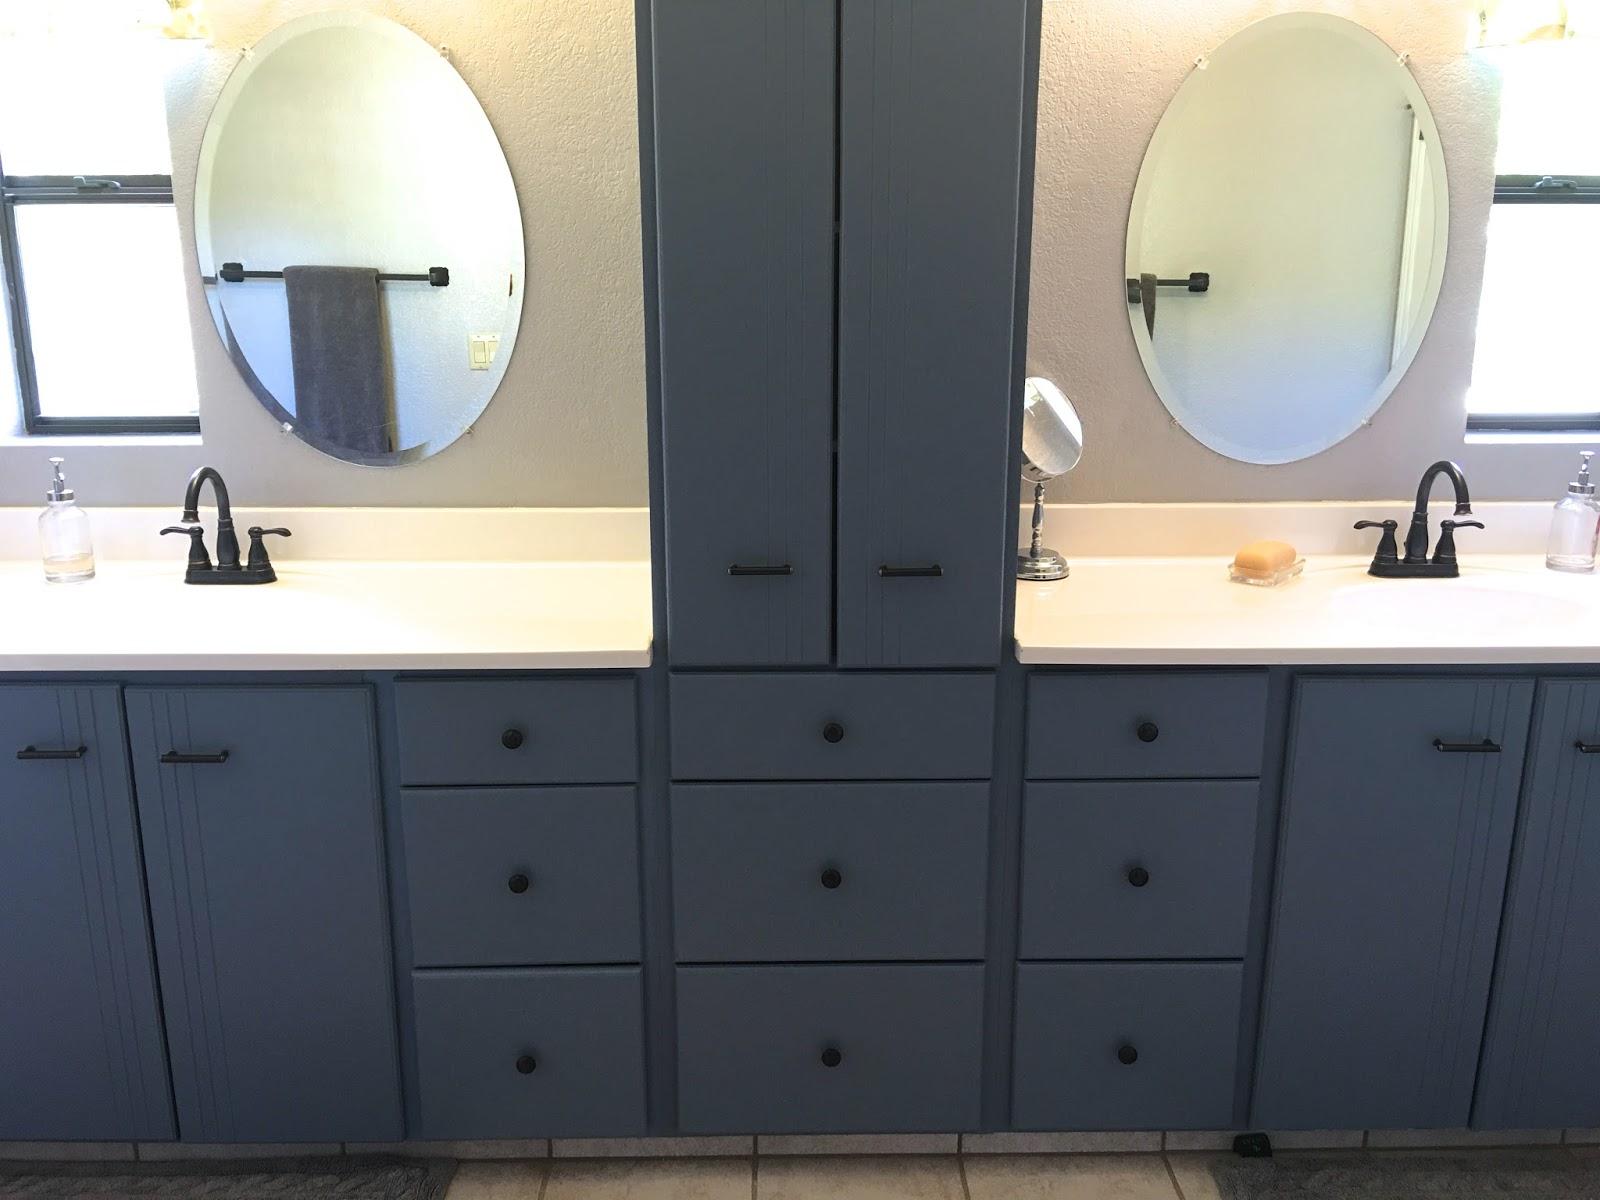 Reimagined Master Bathroom Remodel - 1970 bathroom remodel